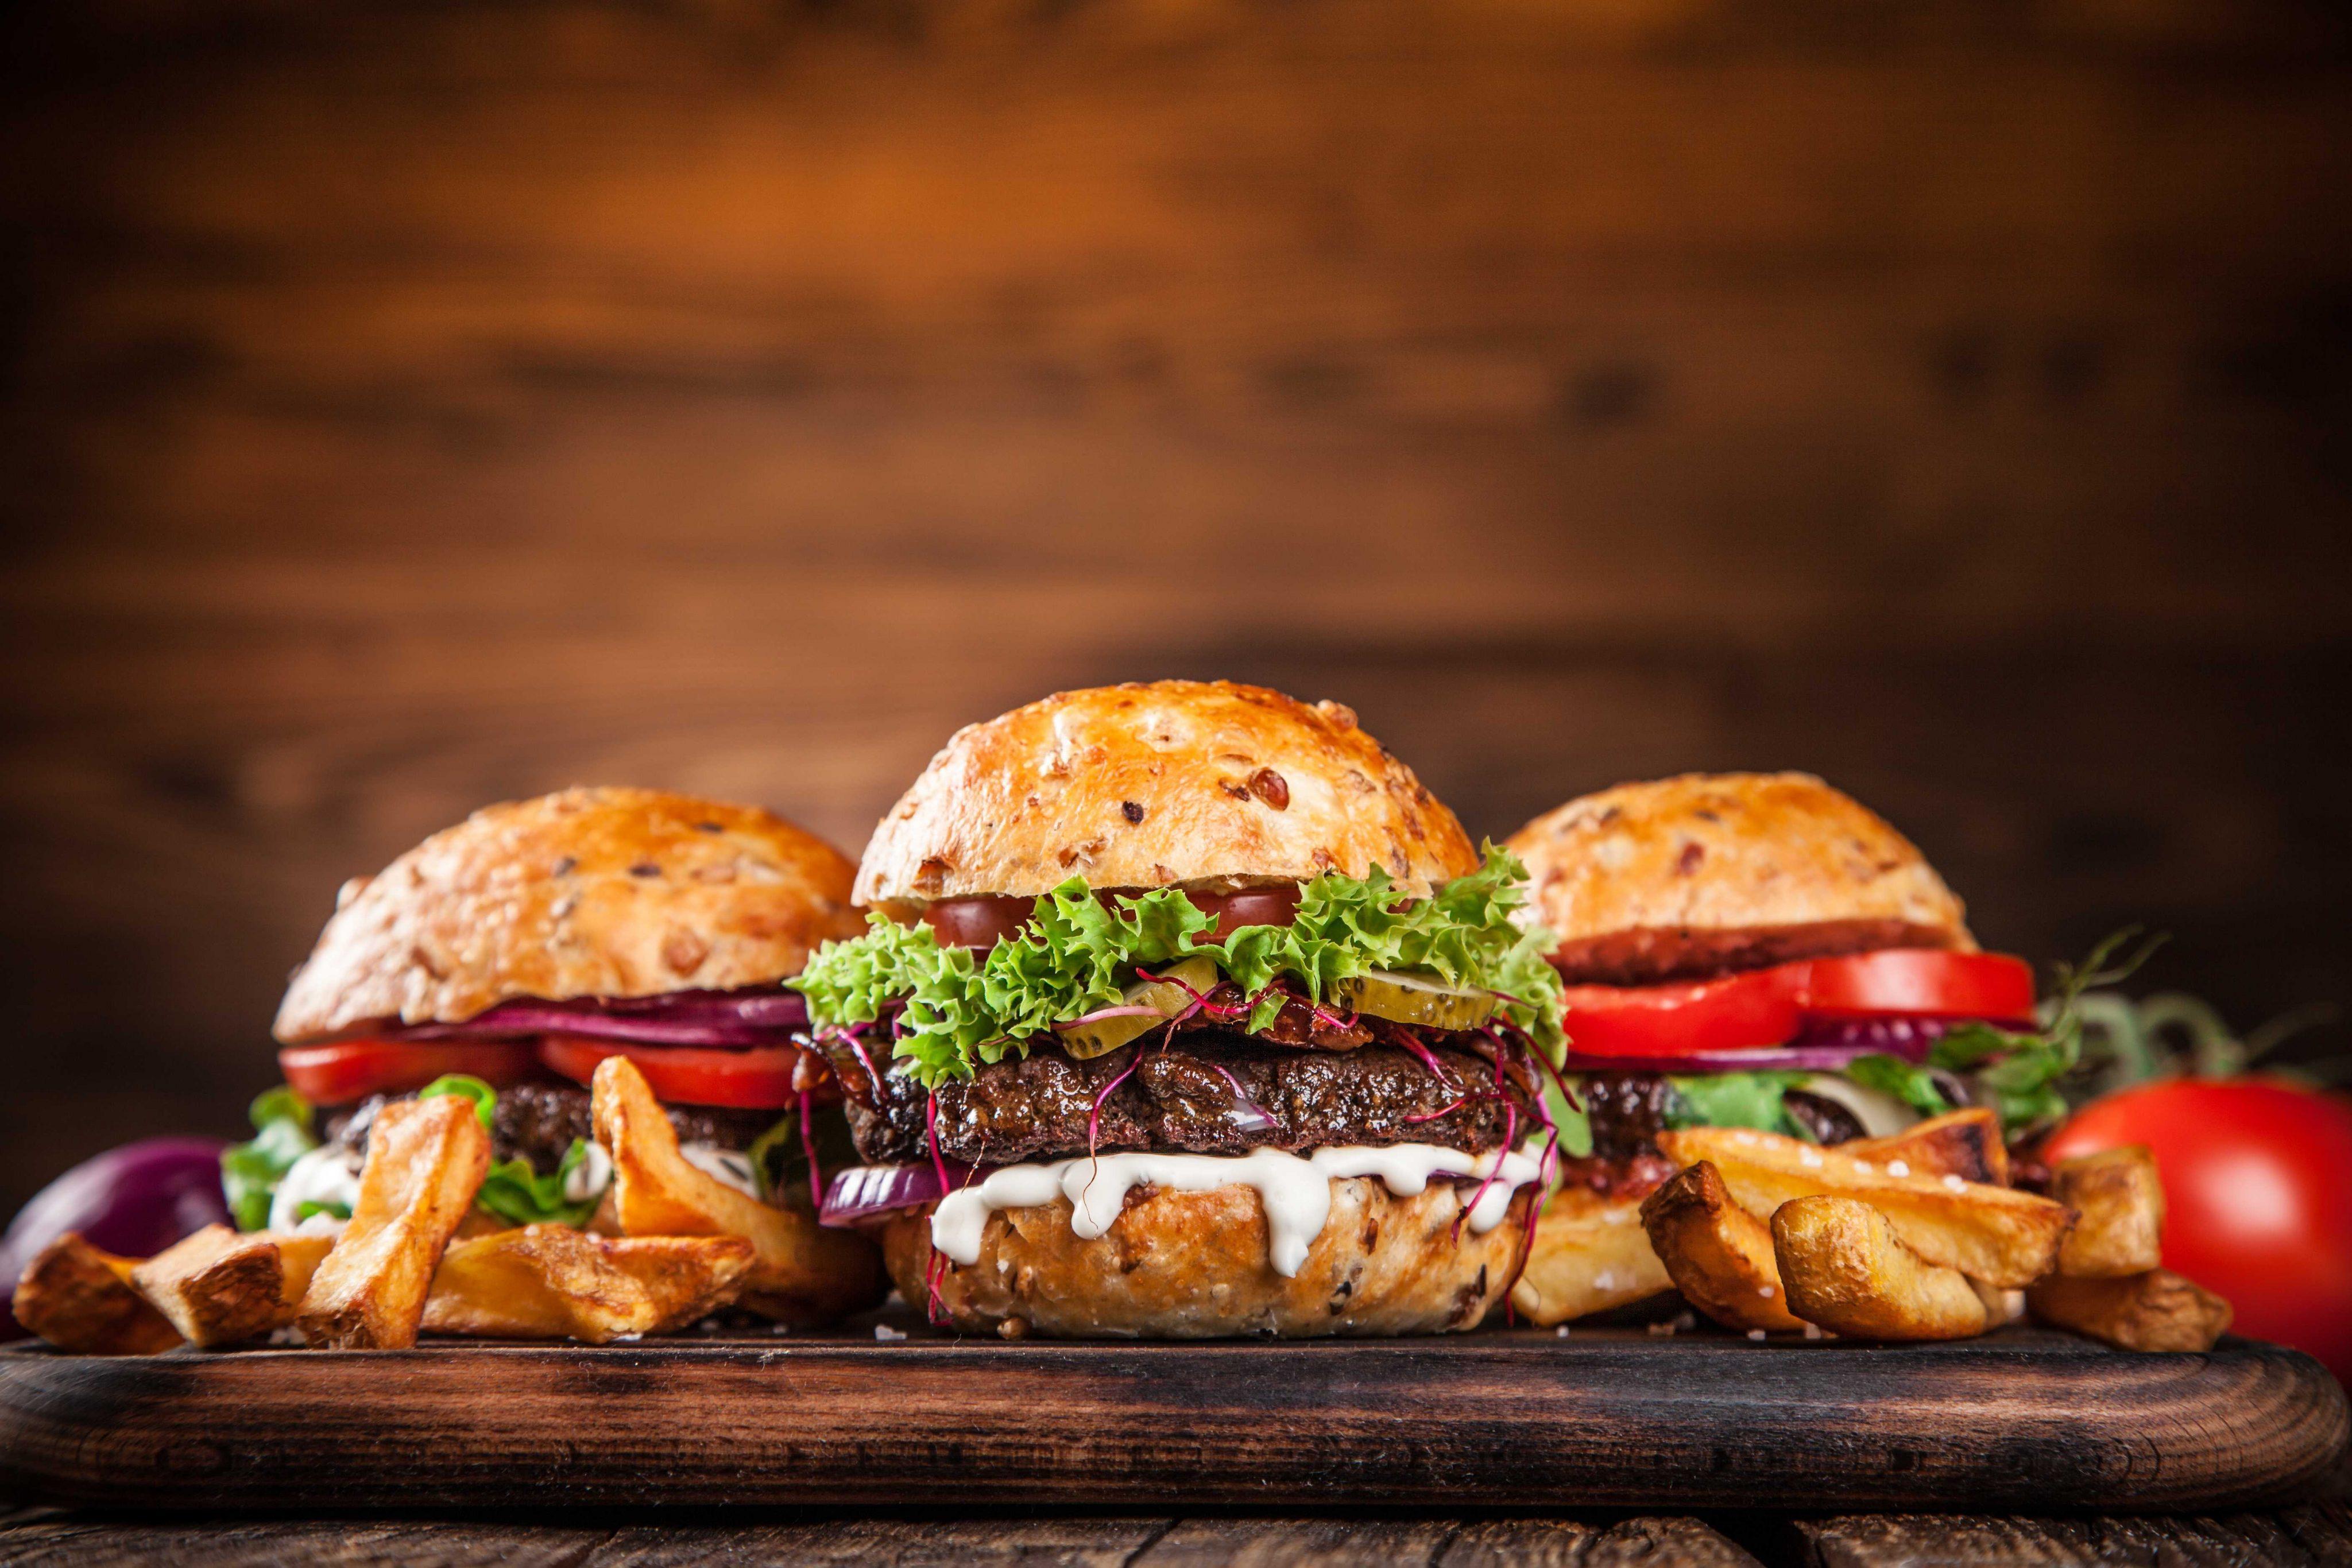 Картинка: Гамбургеры, бургеры, чизбургер, доска, бутерброды, еда, пища